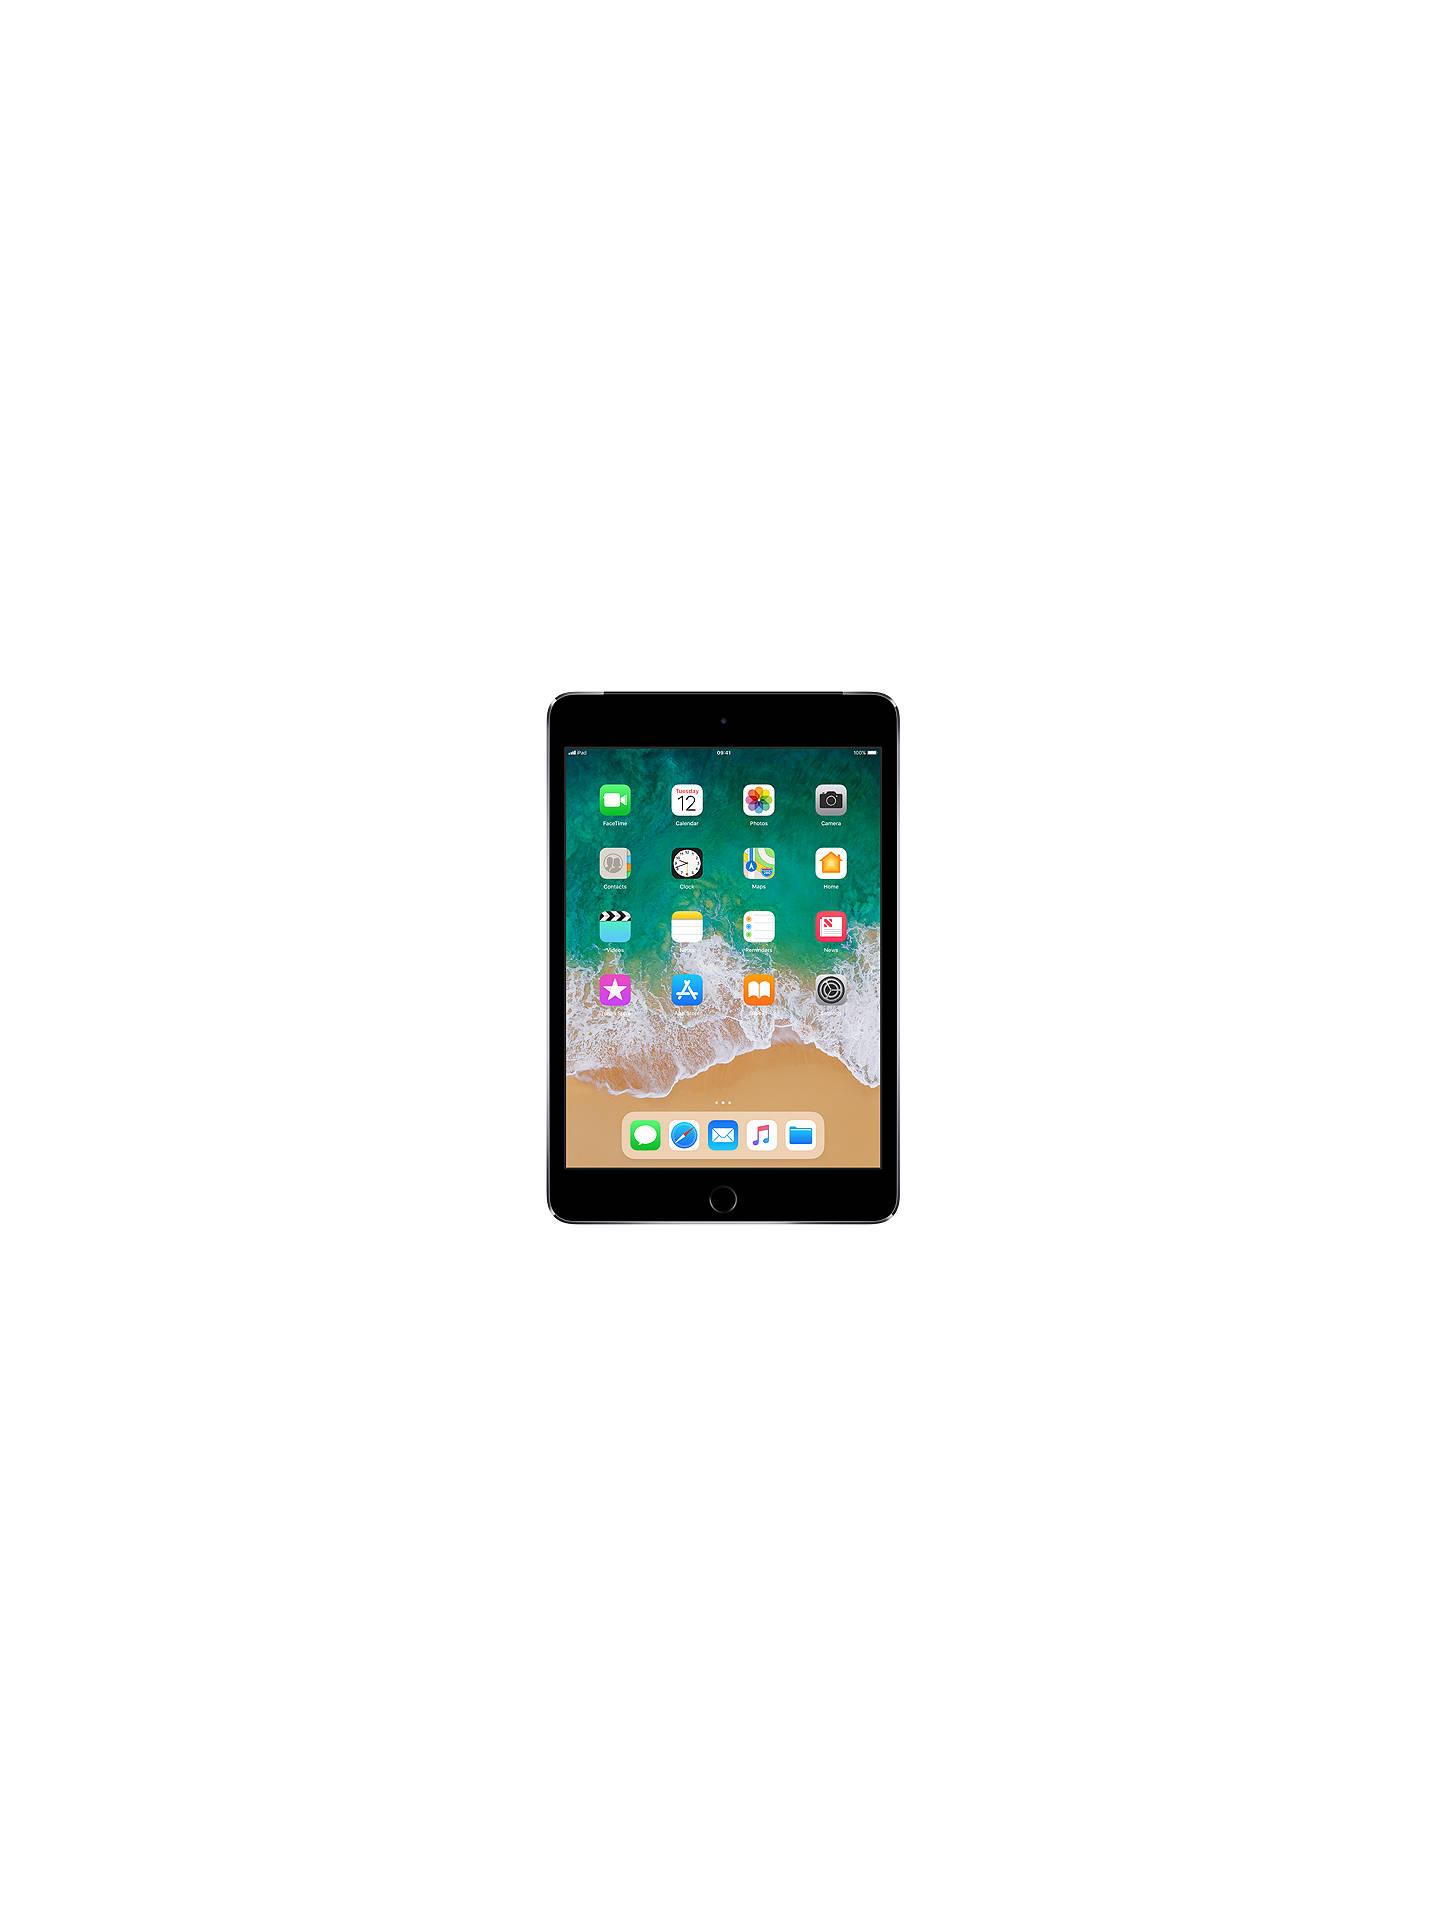 Apple Ipad Mini 4 A8 Ios 79 Wi Fi Cellular 128gb At Retina 32gb Wifi Cell Silver Buyapple